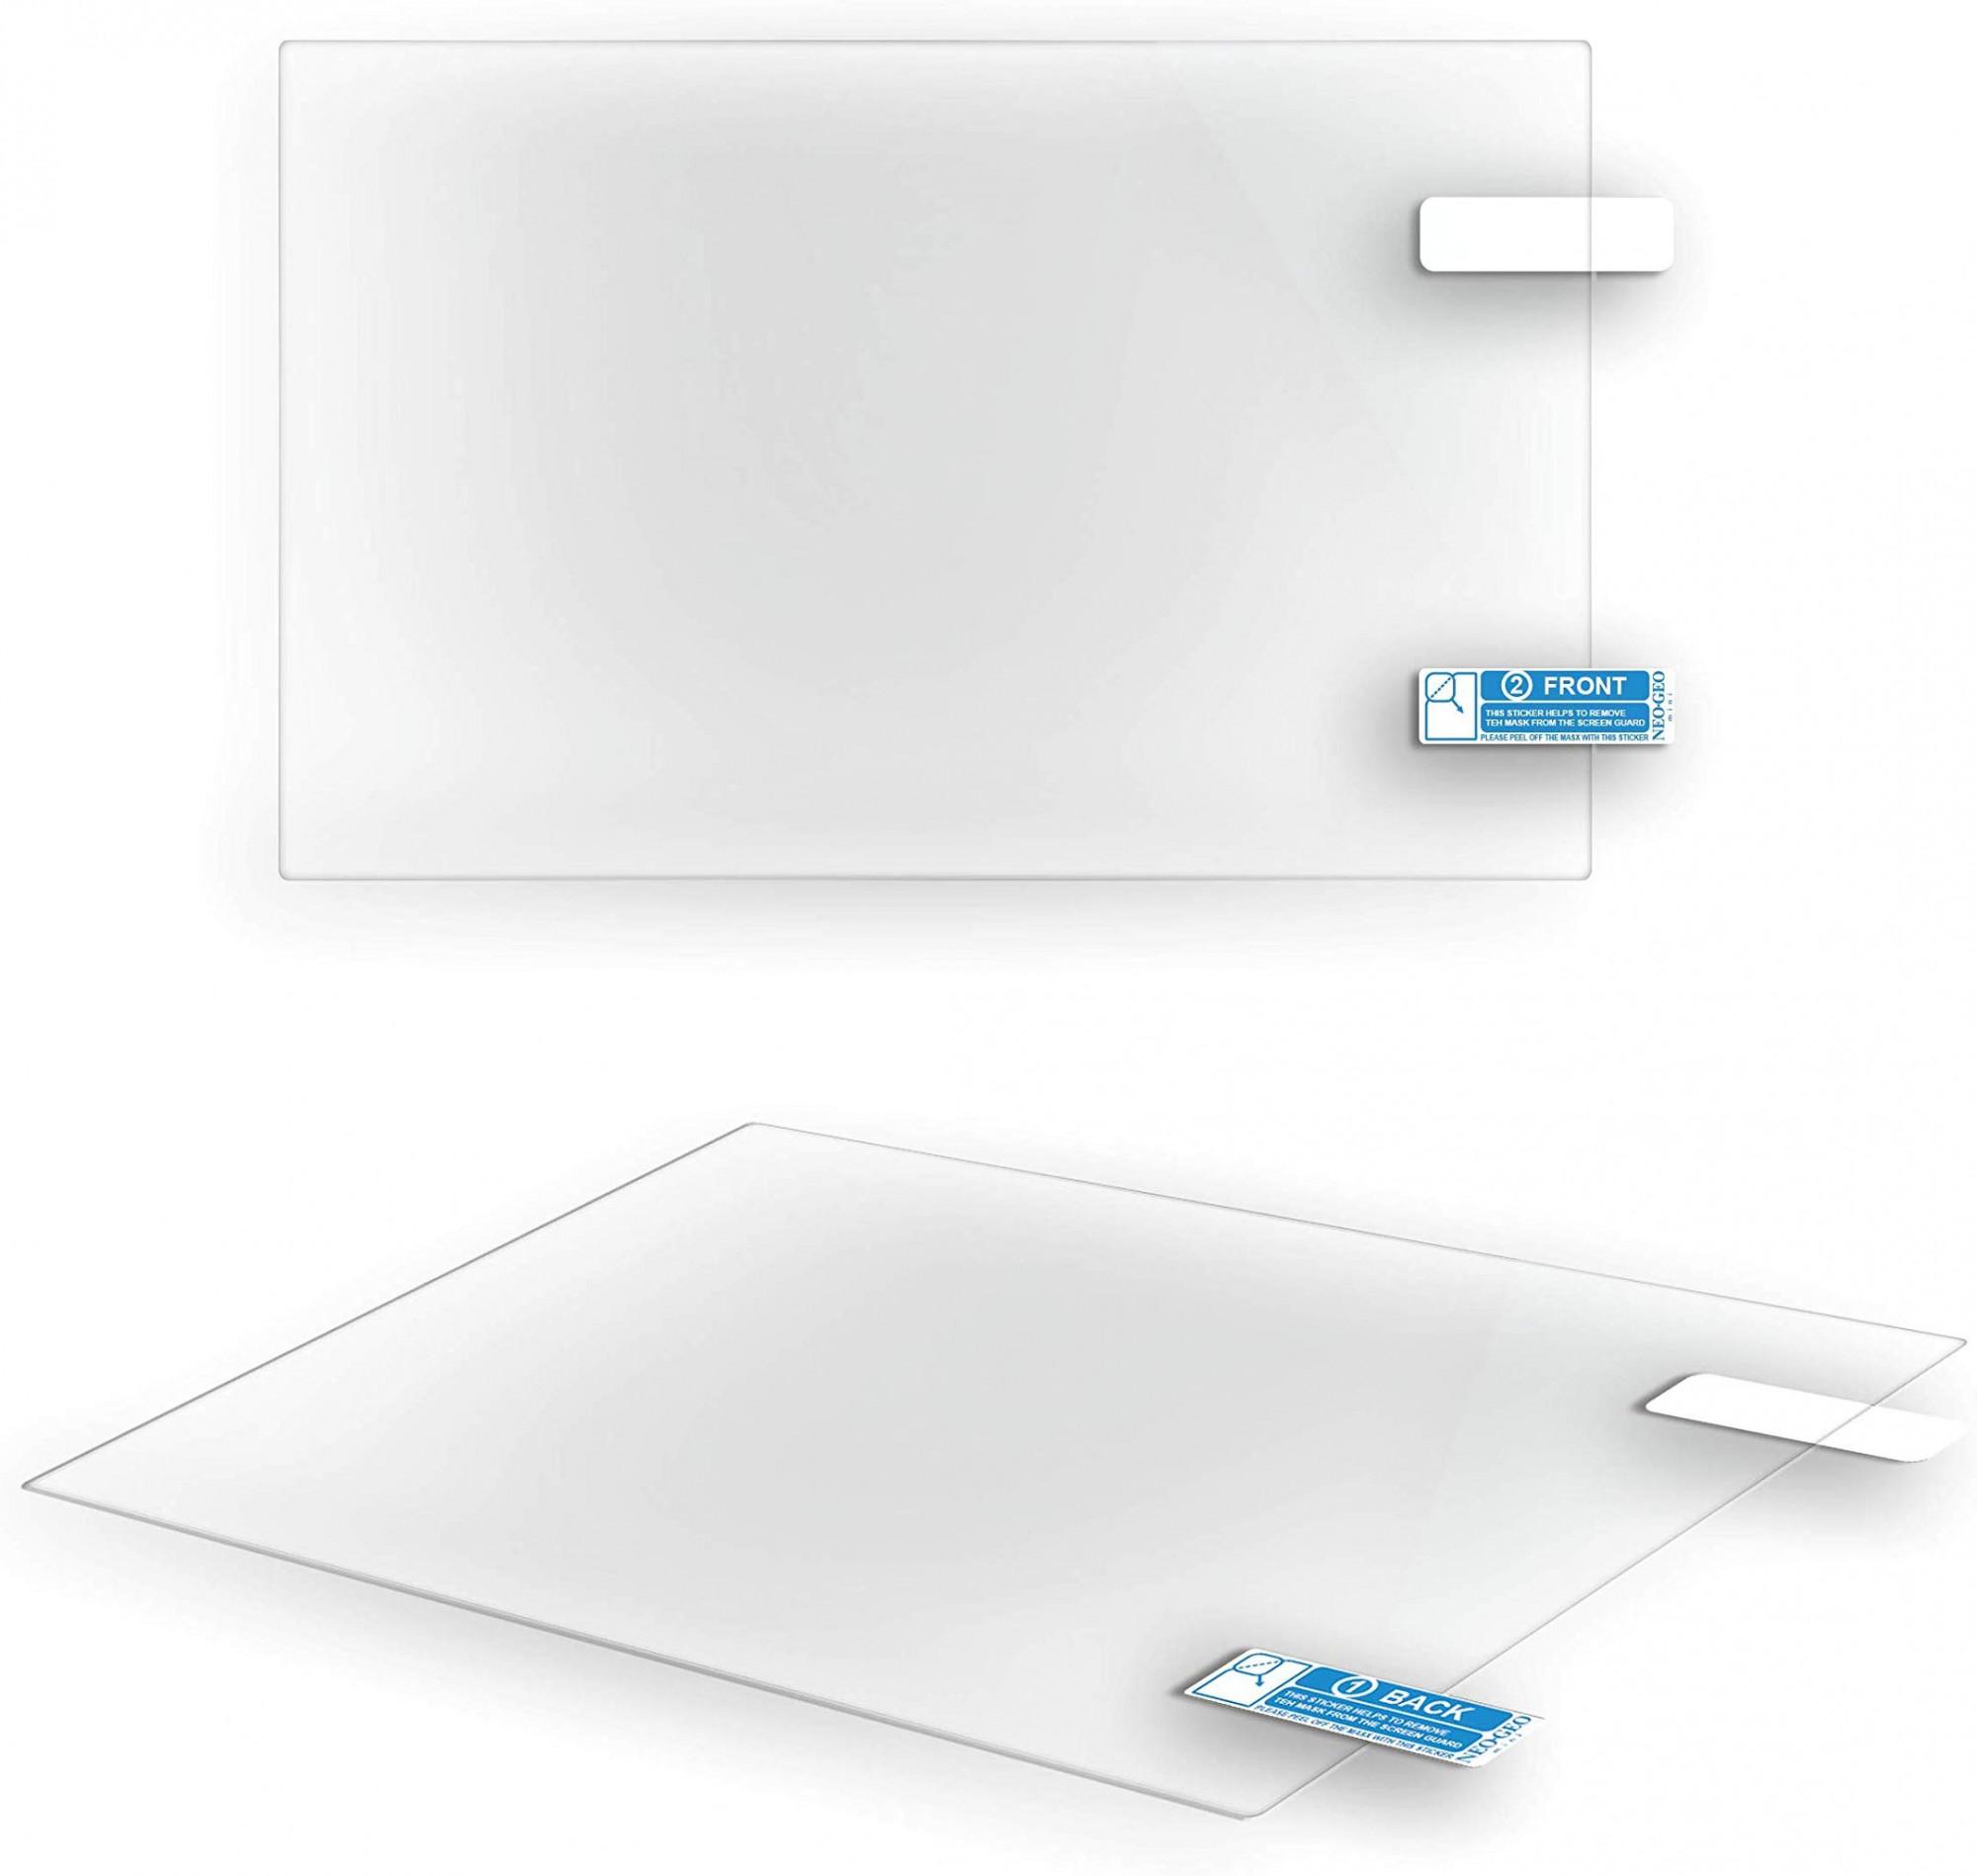 Neo Geo Mini - Orignial HD Screen Protector / Bildschirm Schutzfolie